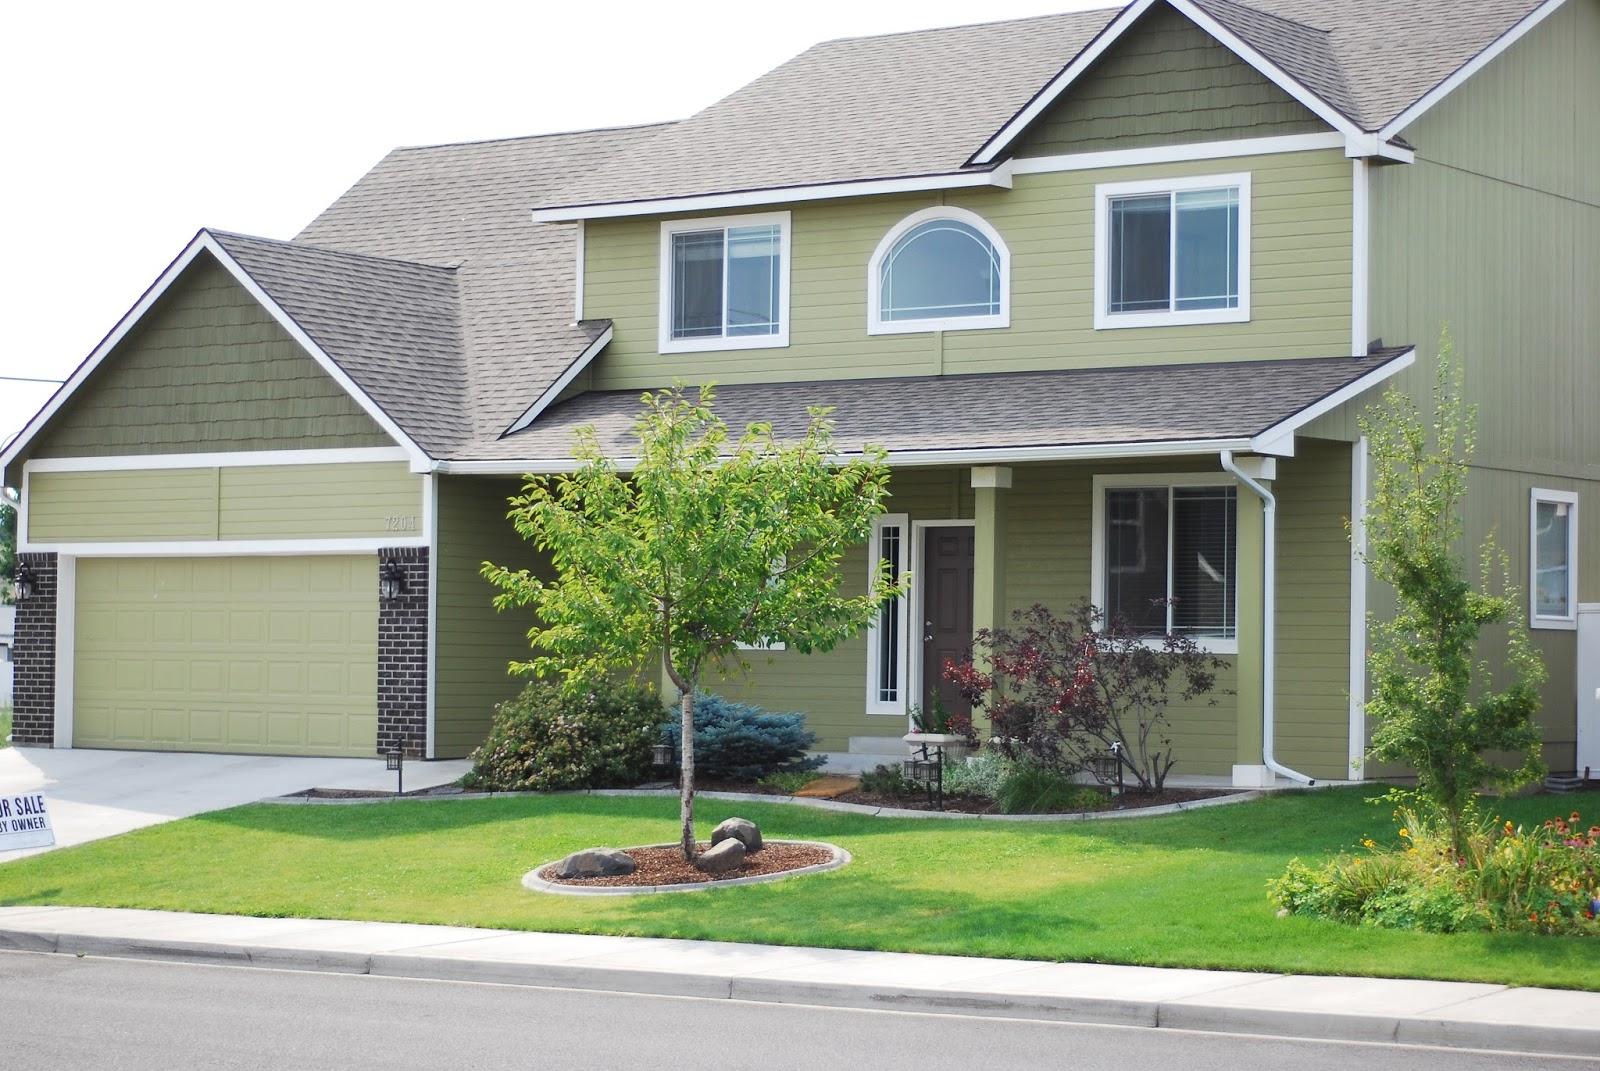 7204 Fremont Way Yakima Wa 98908 Home For Sale